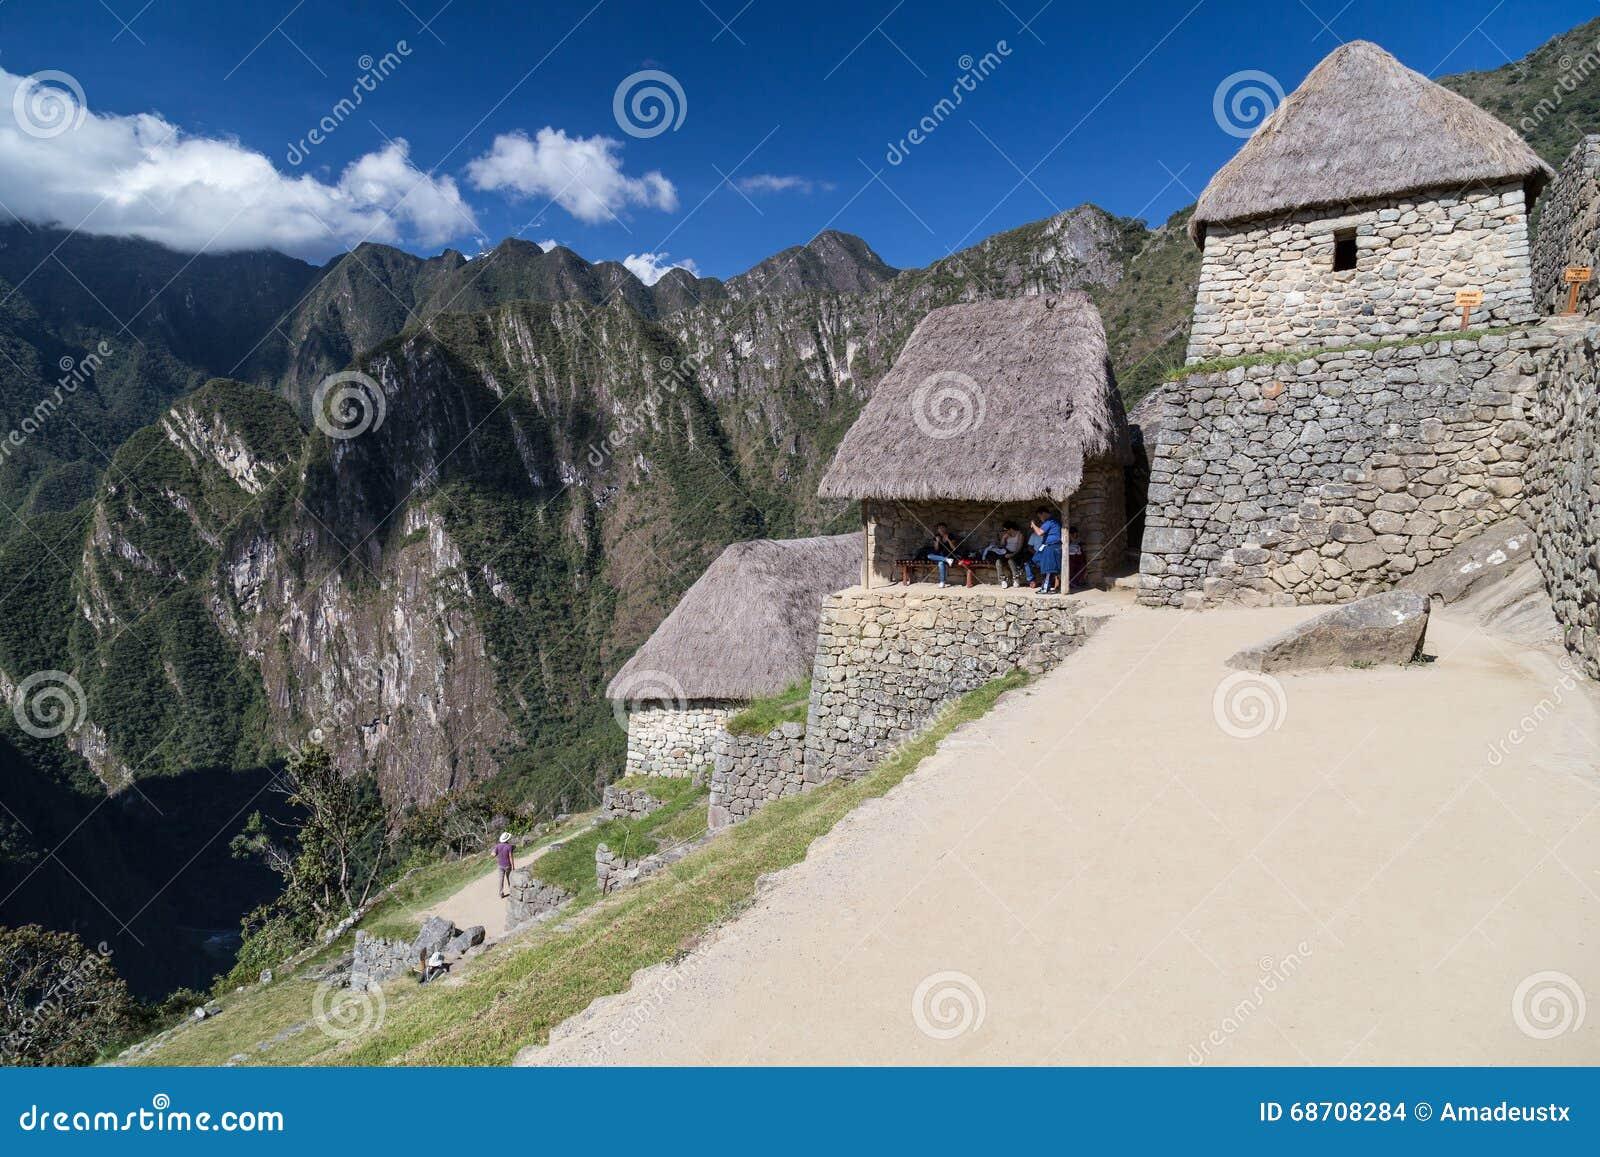 Machu Picchu, Aguas Calientes/Perú - circa junio de 2015: Ruinas de la ciudad perdida sagrada de Machu Picchu de incas en Perú